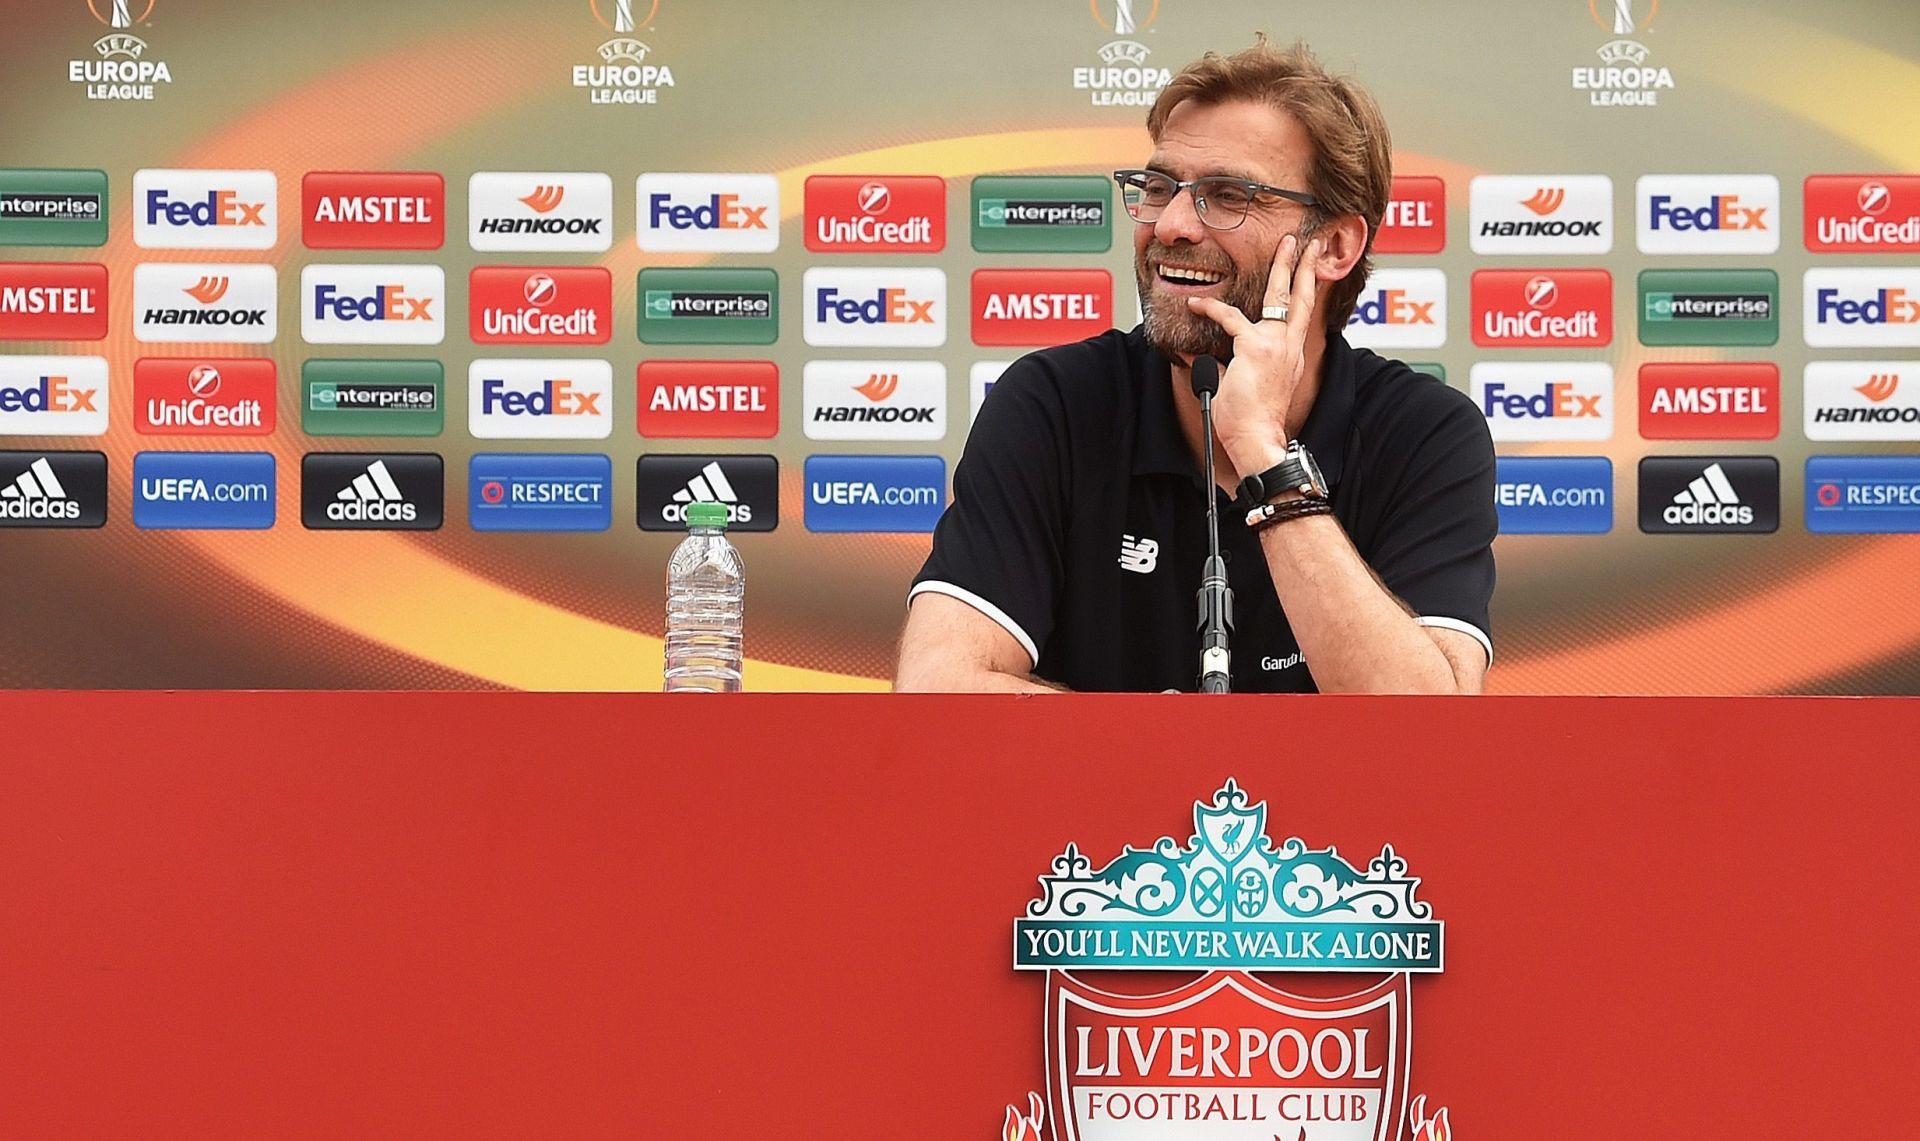 STIGAO TEK PROŠLE GODINE Vlasnici Liverpoola ponudili Kloppu produljenje ugovora